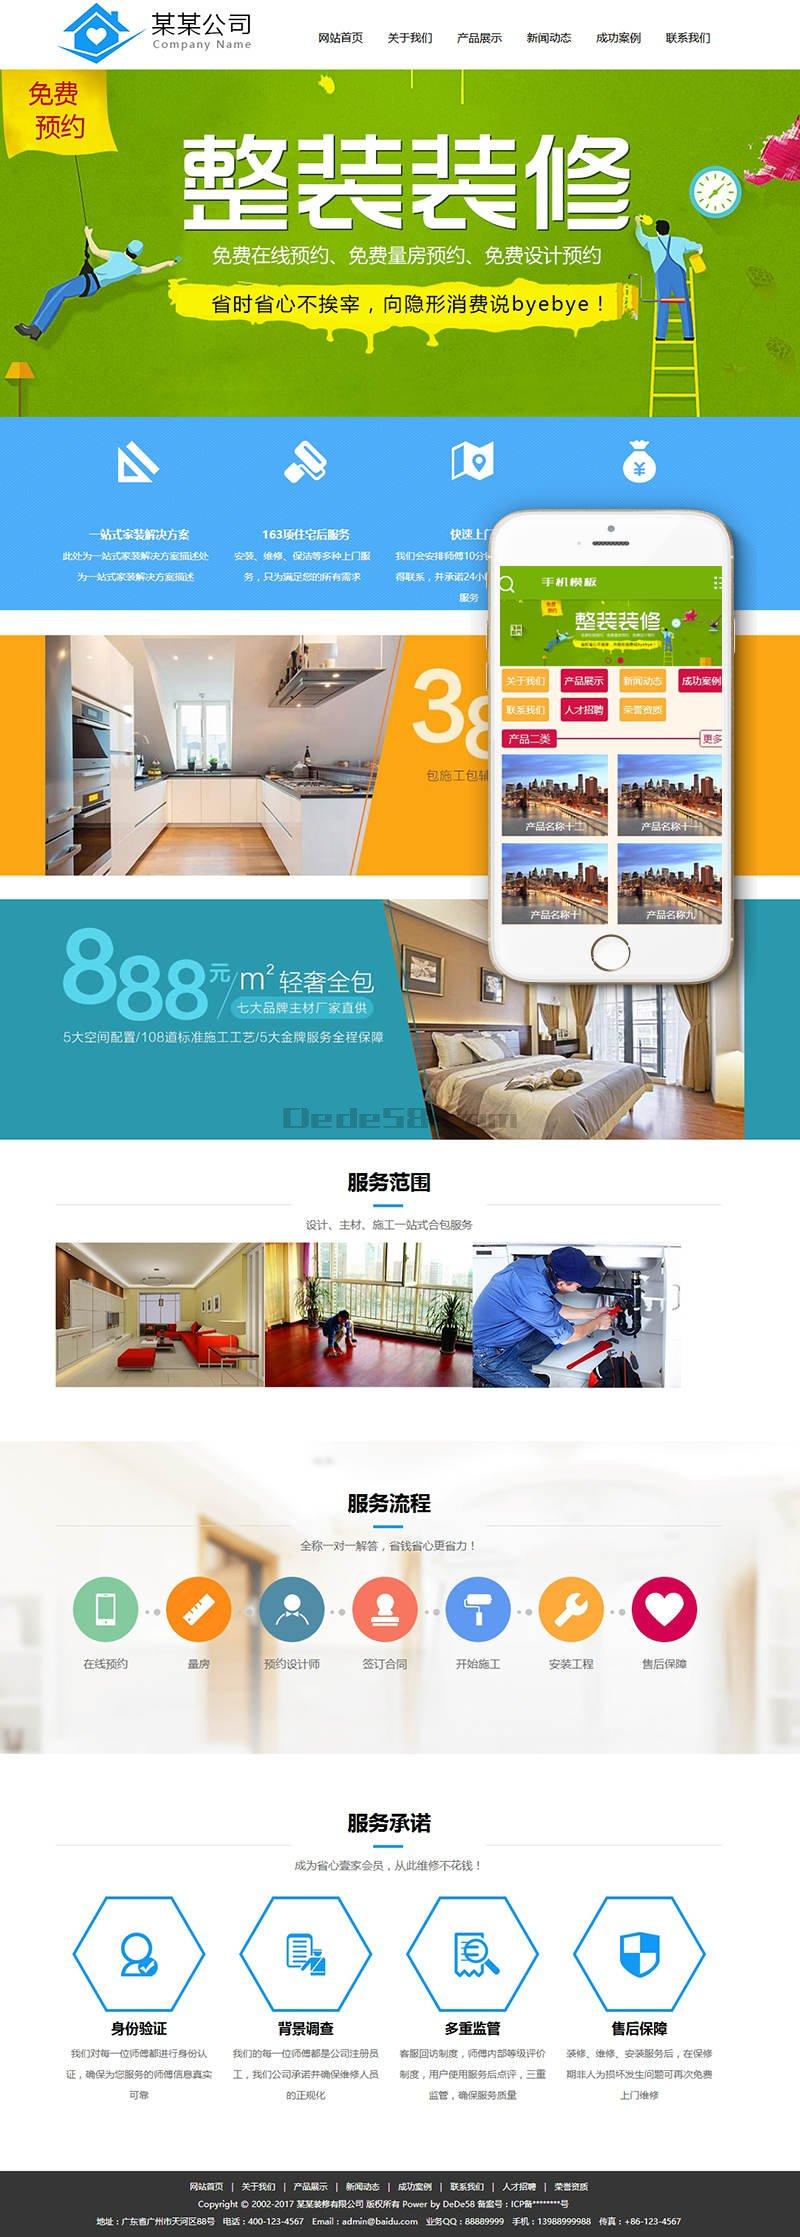 织梦58装修公司企业网站模板附手机端源码下载